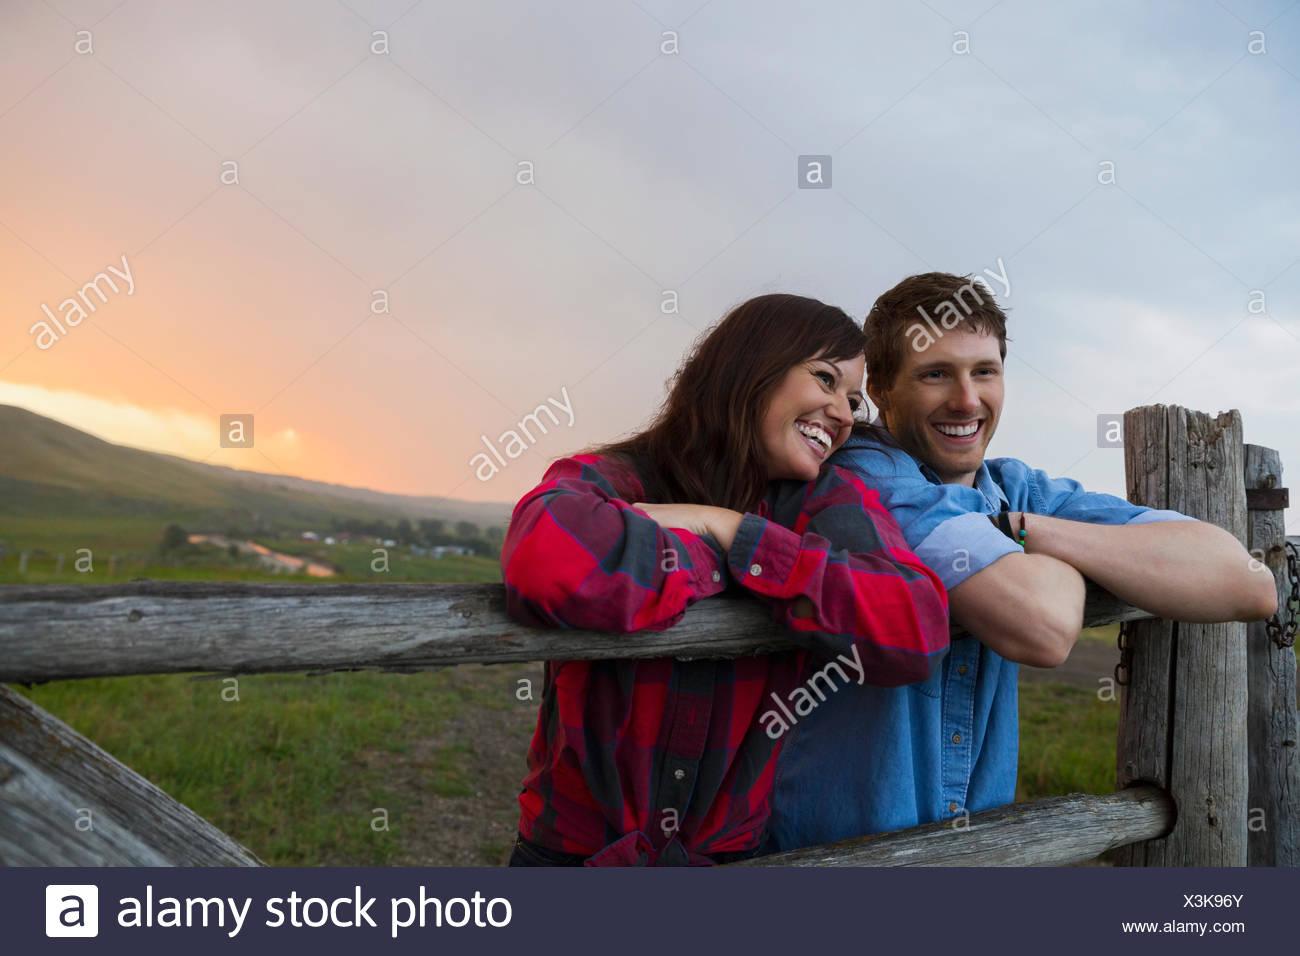 Paar stützte sich auf ländliche Zaunpfahl bei Sonnenuntergang Stockbild